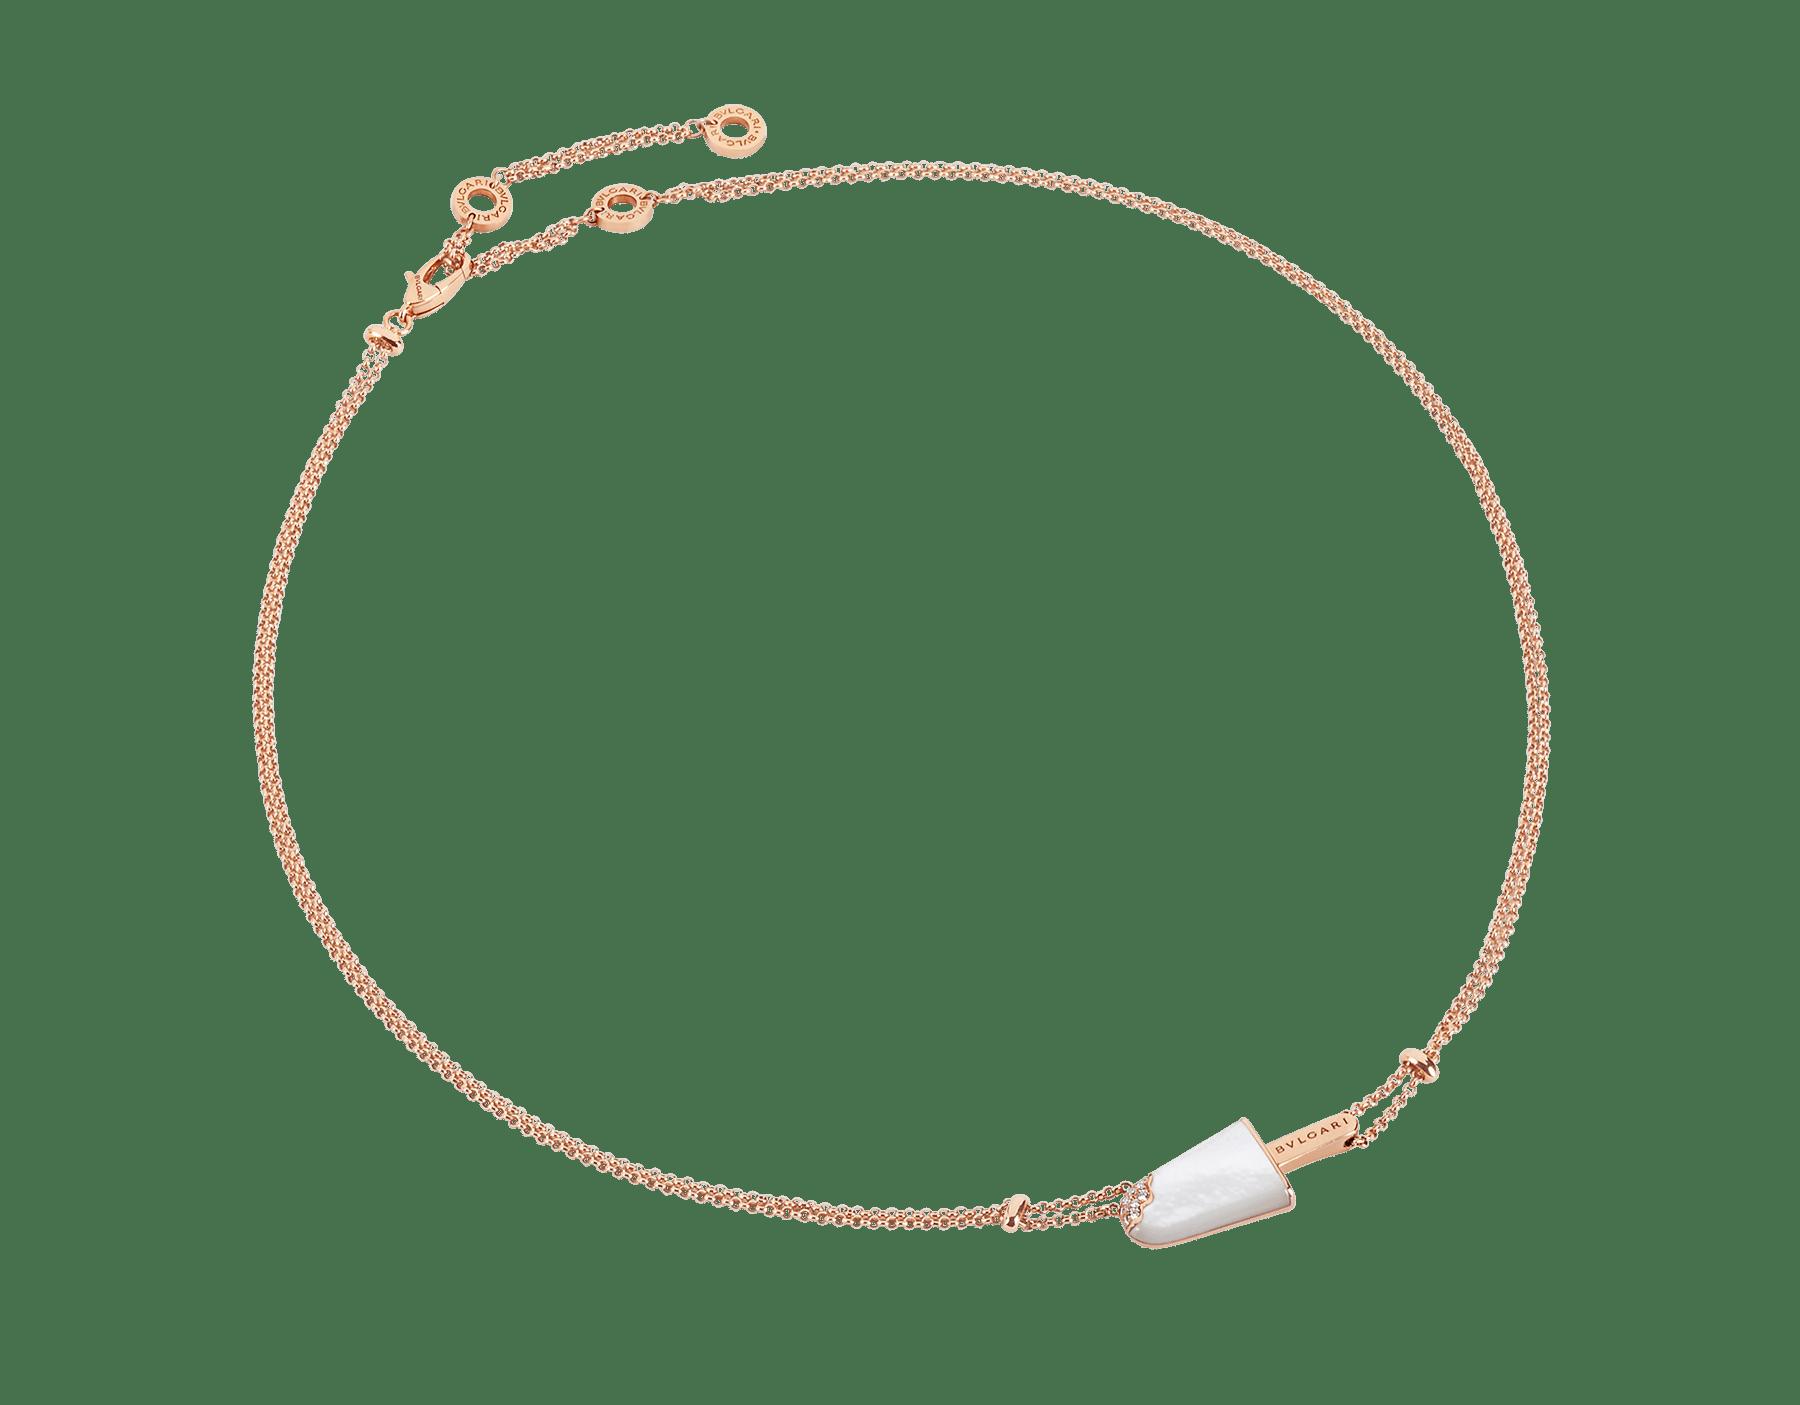 Colar BVLGARIBVLGARI Gelati em ouro rosa 18K cravejado com madrepérola e pavê de diamantes 356132 image 1